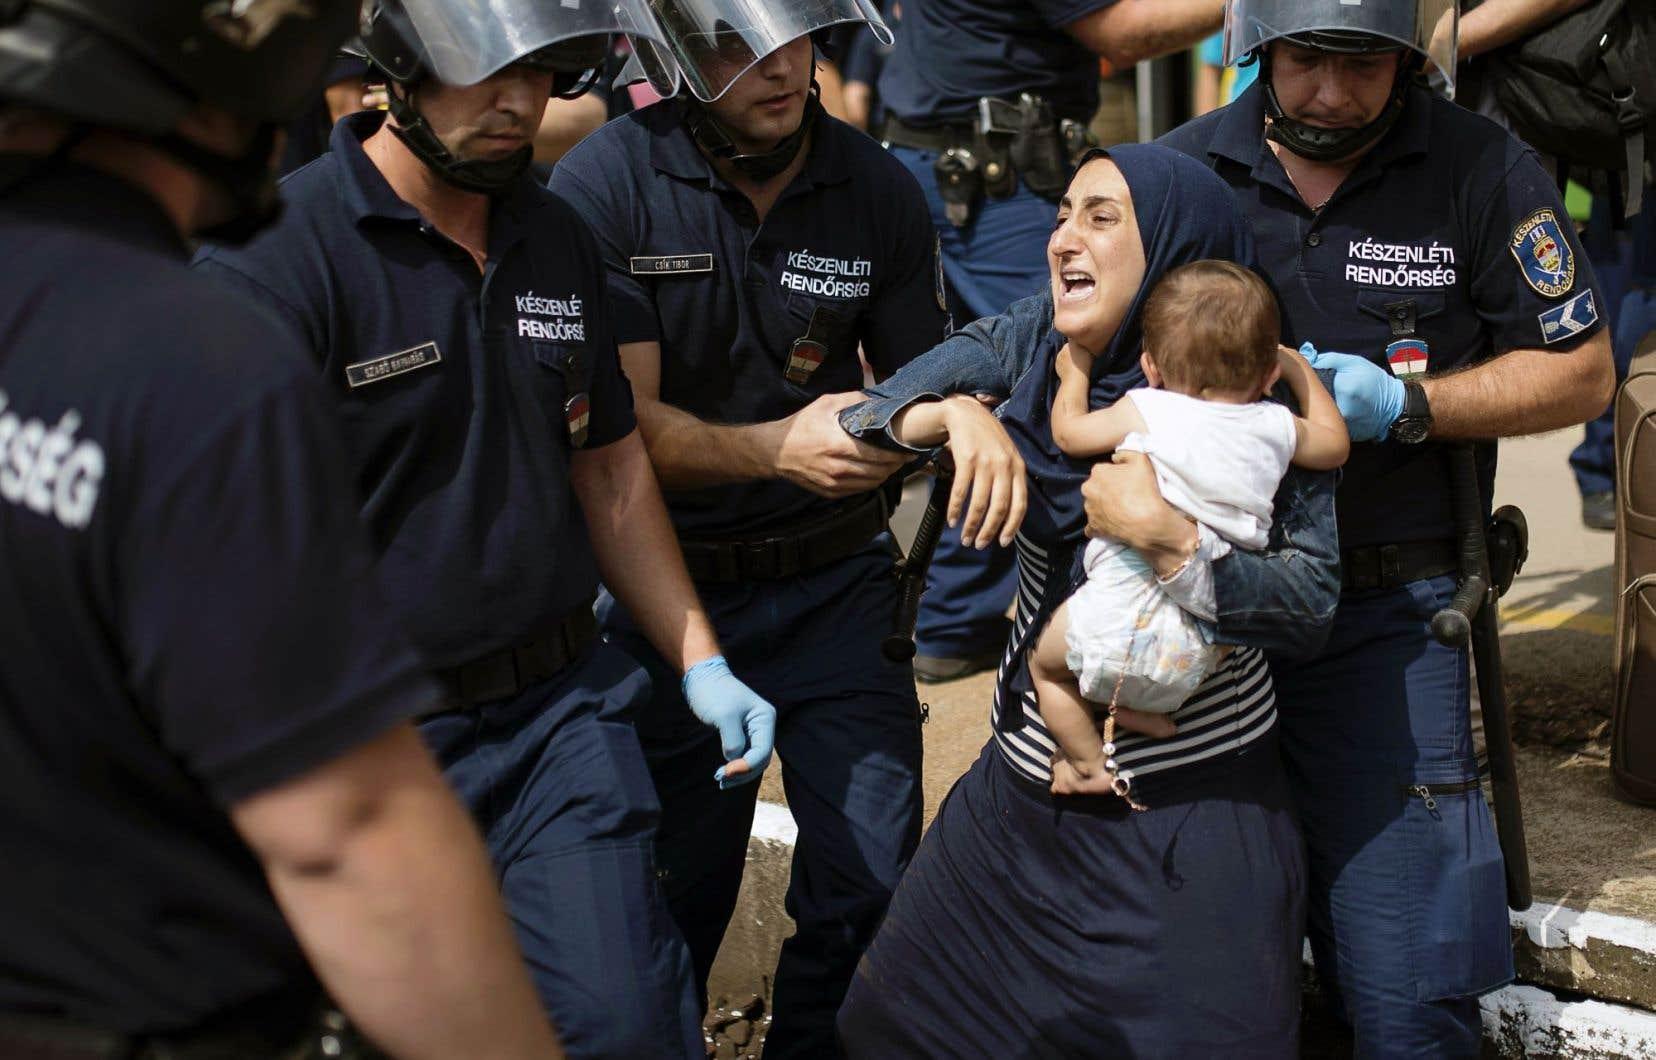 Cette femme et son enfant ont été arrêtés en Hongrie jeudi lorsque le train qui devait les mener en Autriche a été stoppé par les policiers.